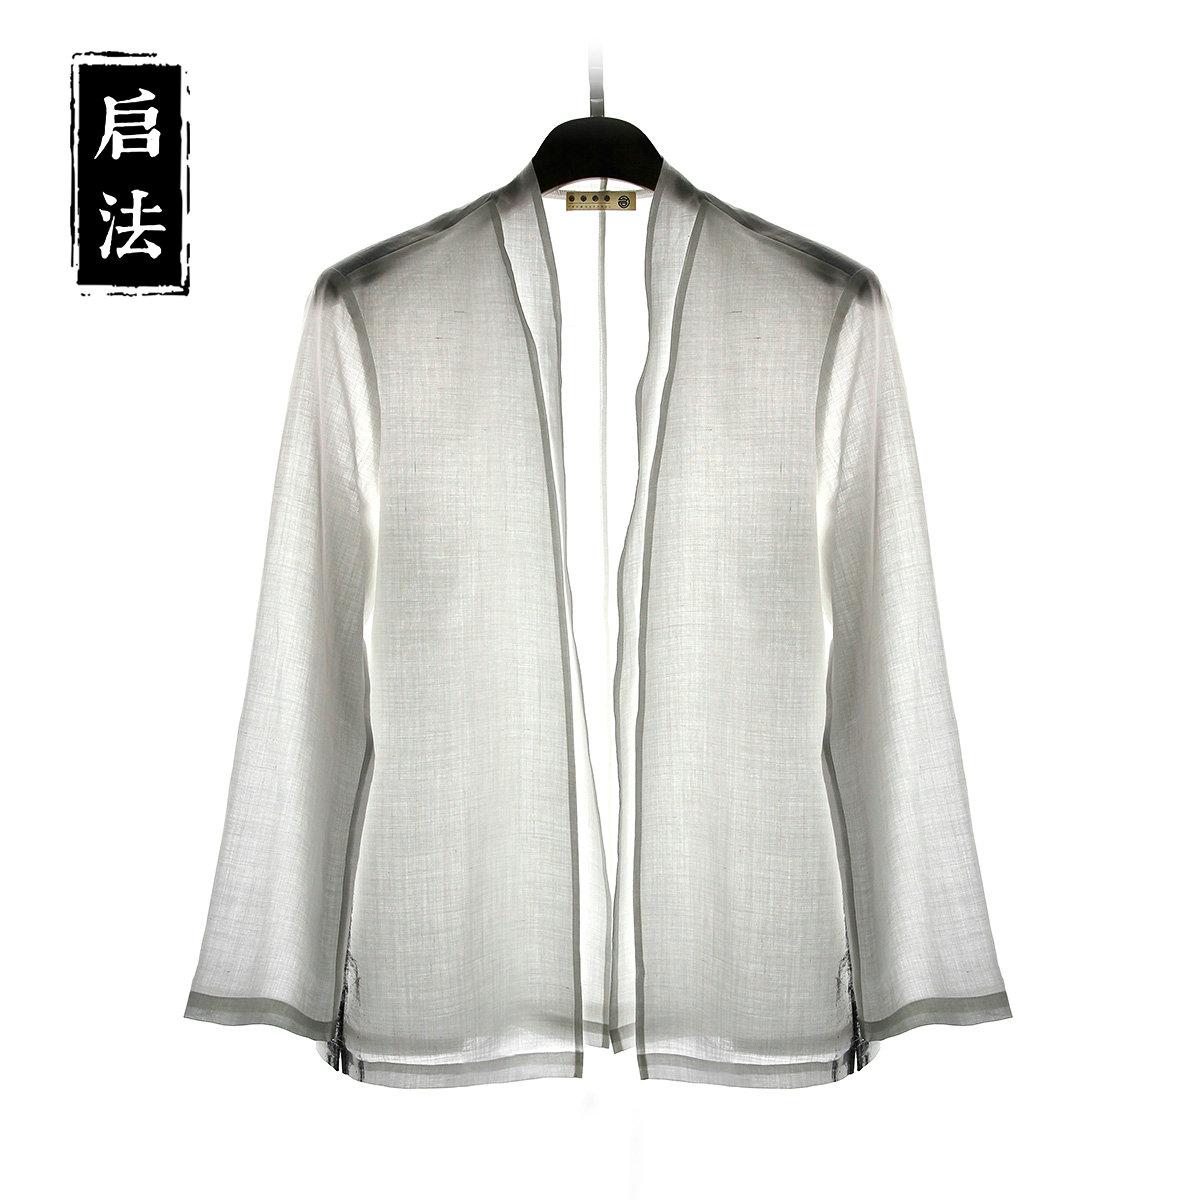 Камуфляжные куртки Артикул 550905200979